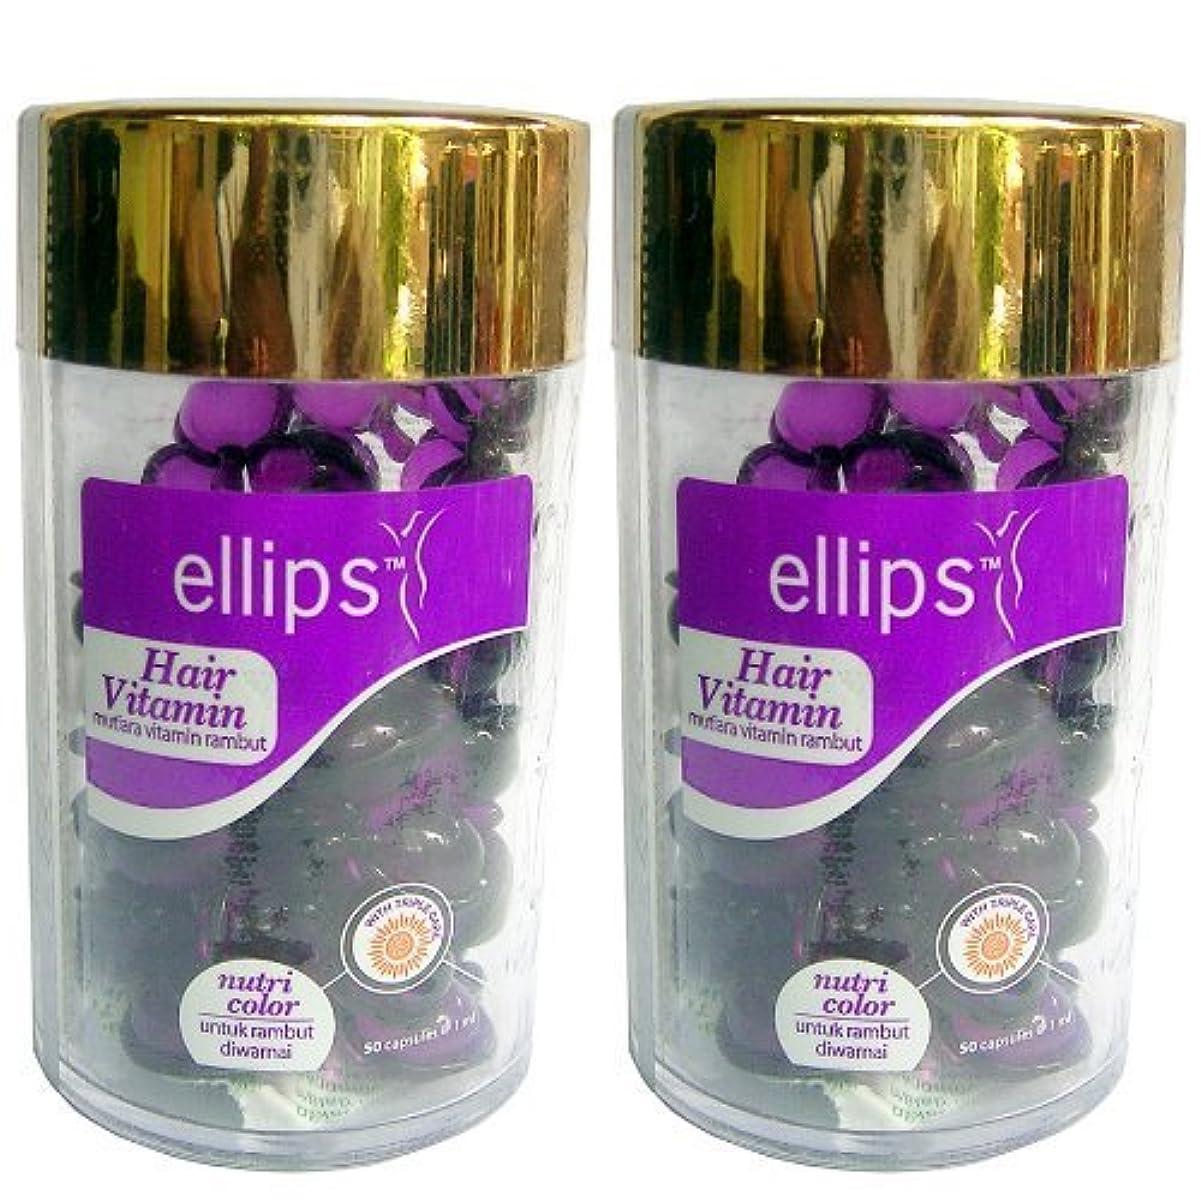 クロニクル簡単にあごひげEllips(エリプス)ヘアビタミン(50粒入)2個セット [並行輸入品][海外直送品] パープル